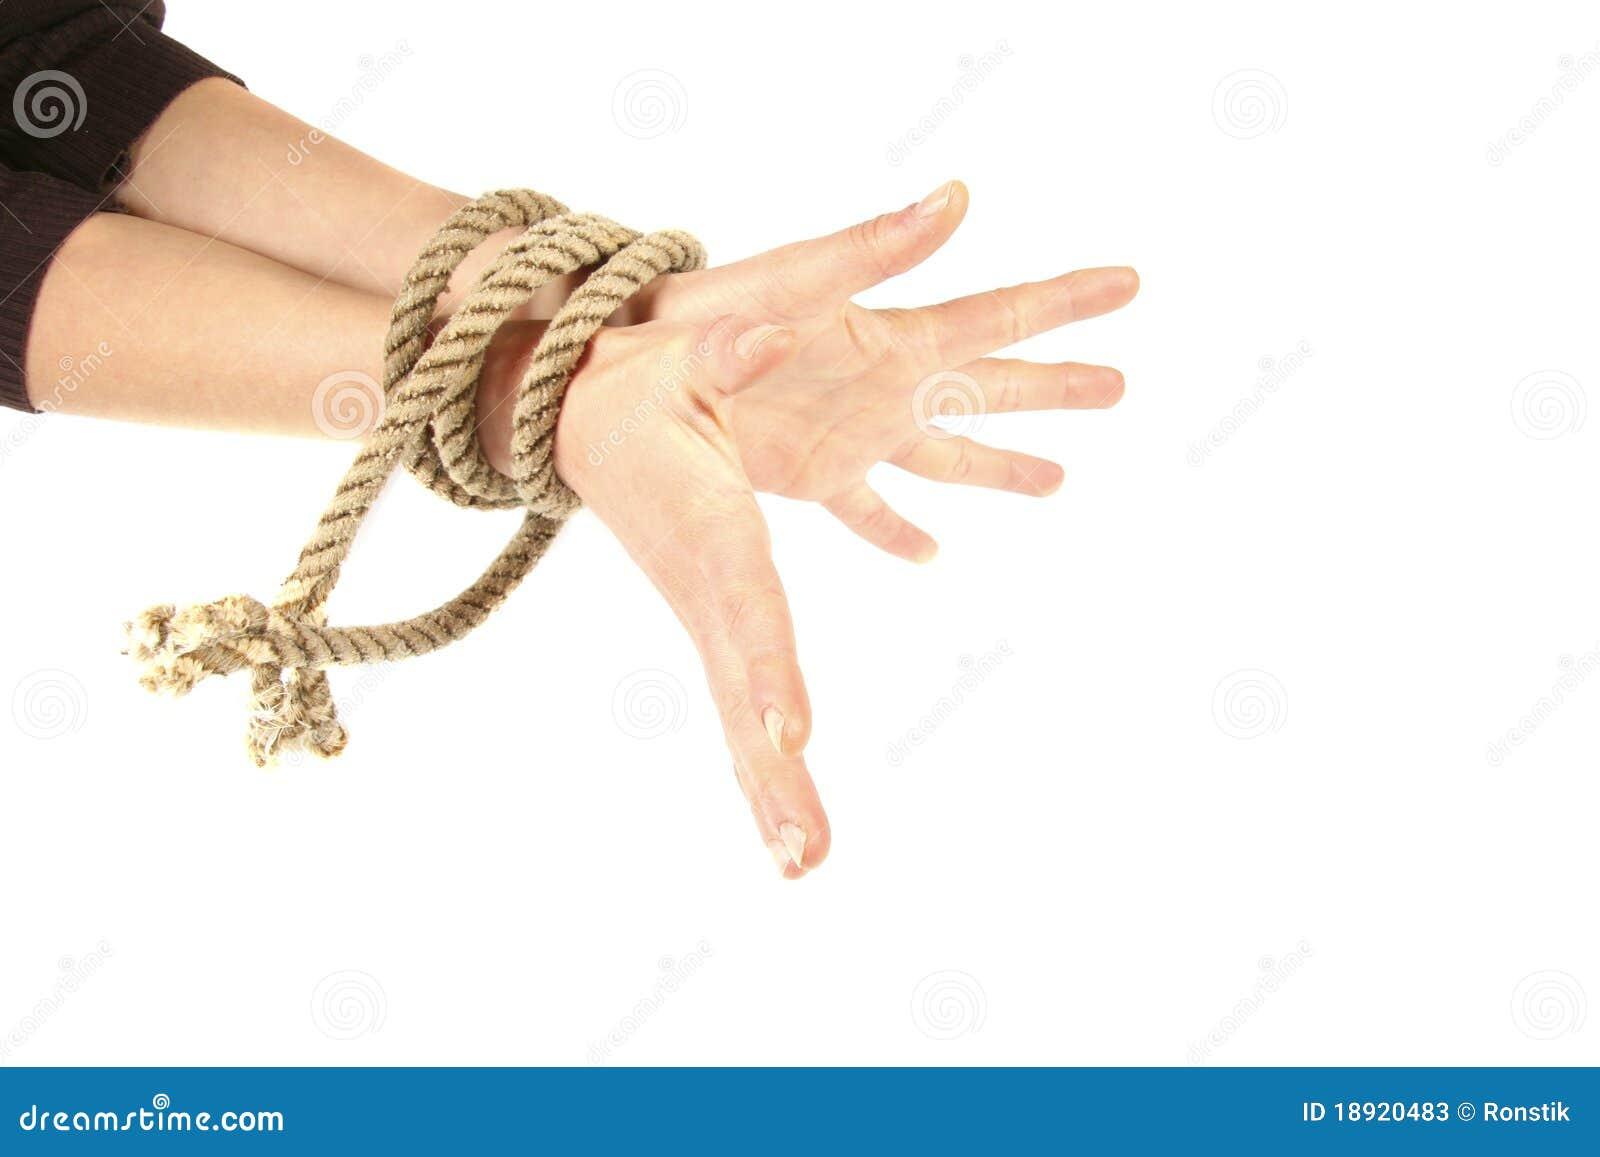 Связав ей руки онлайн